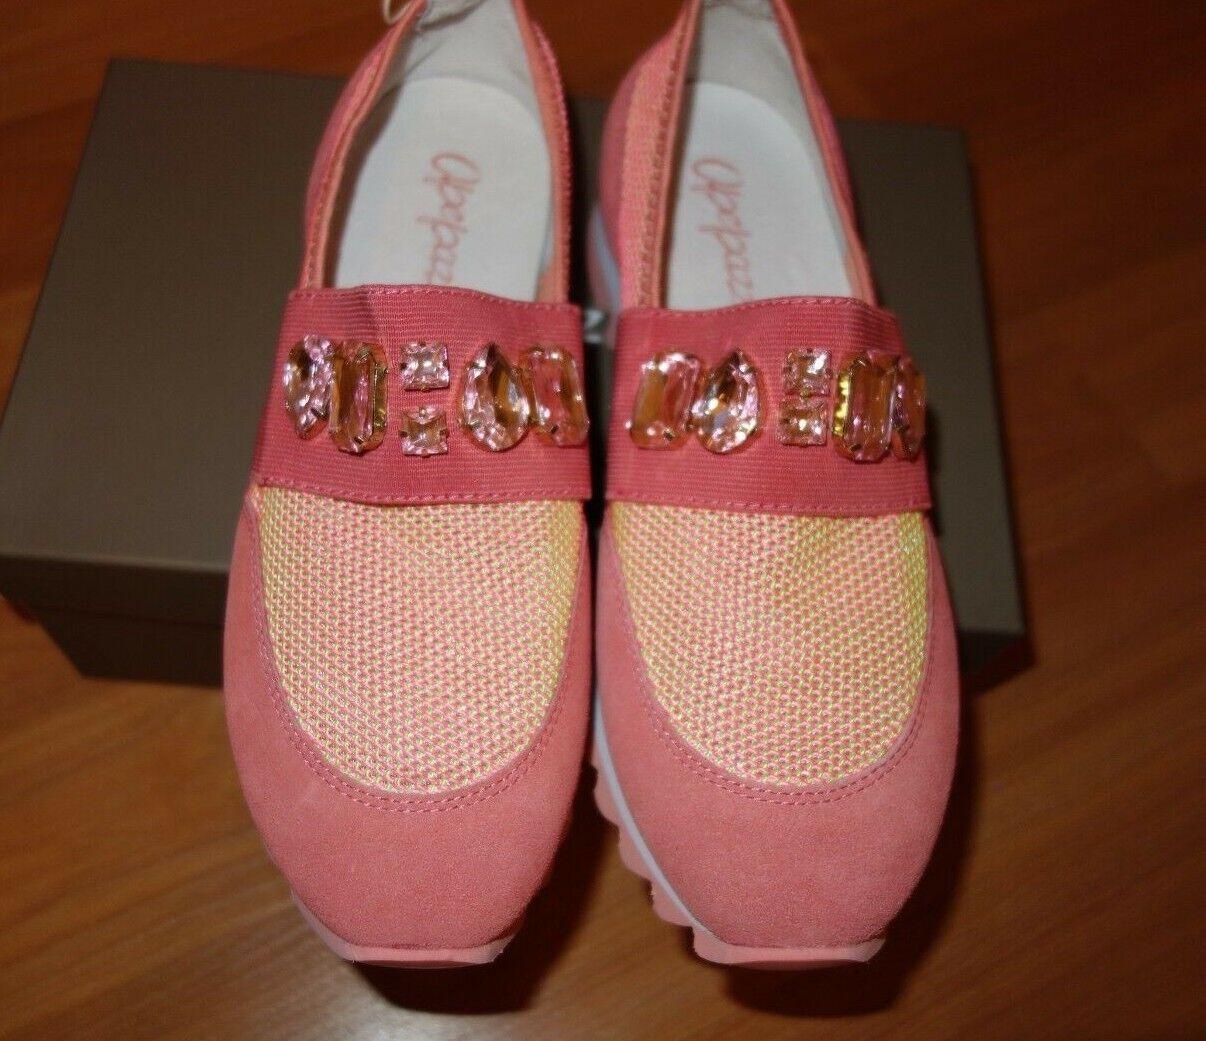 Nouveau APEPAZZA Low-TOPS & Baskets Corail Chaussures femmes sz. US 9 M 8.5 M